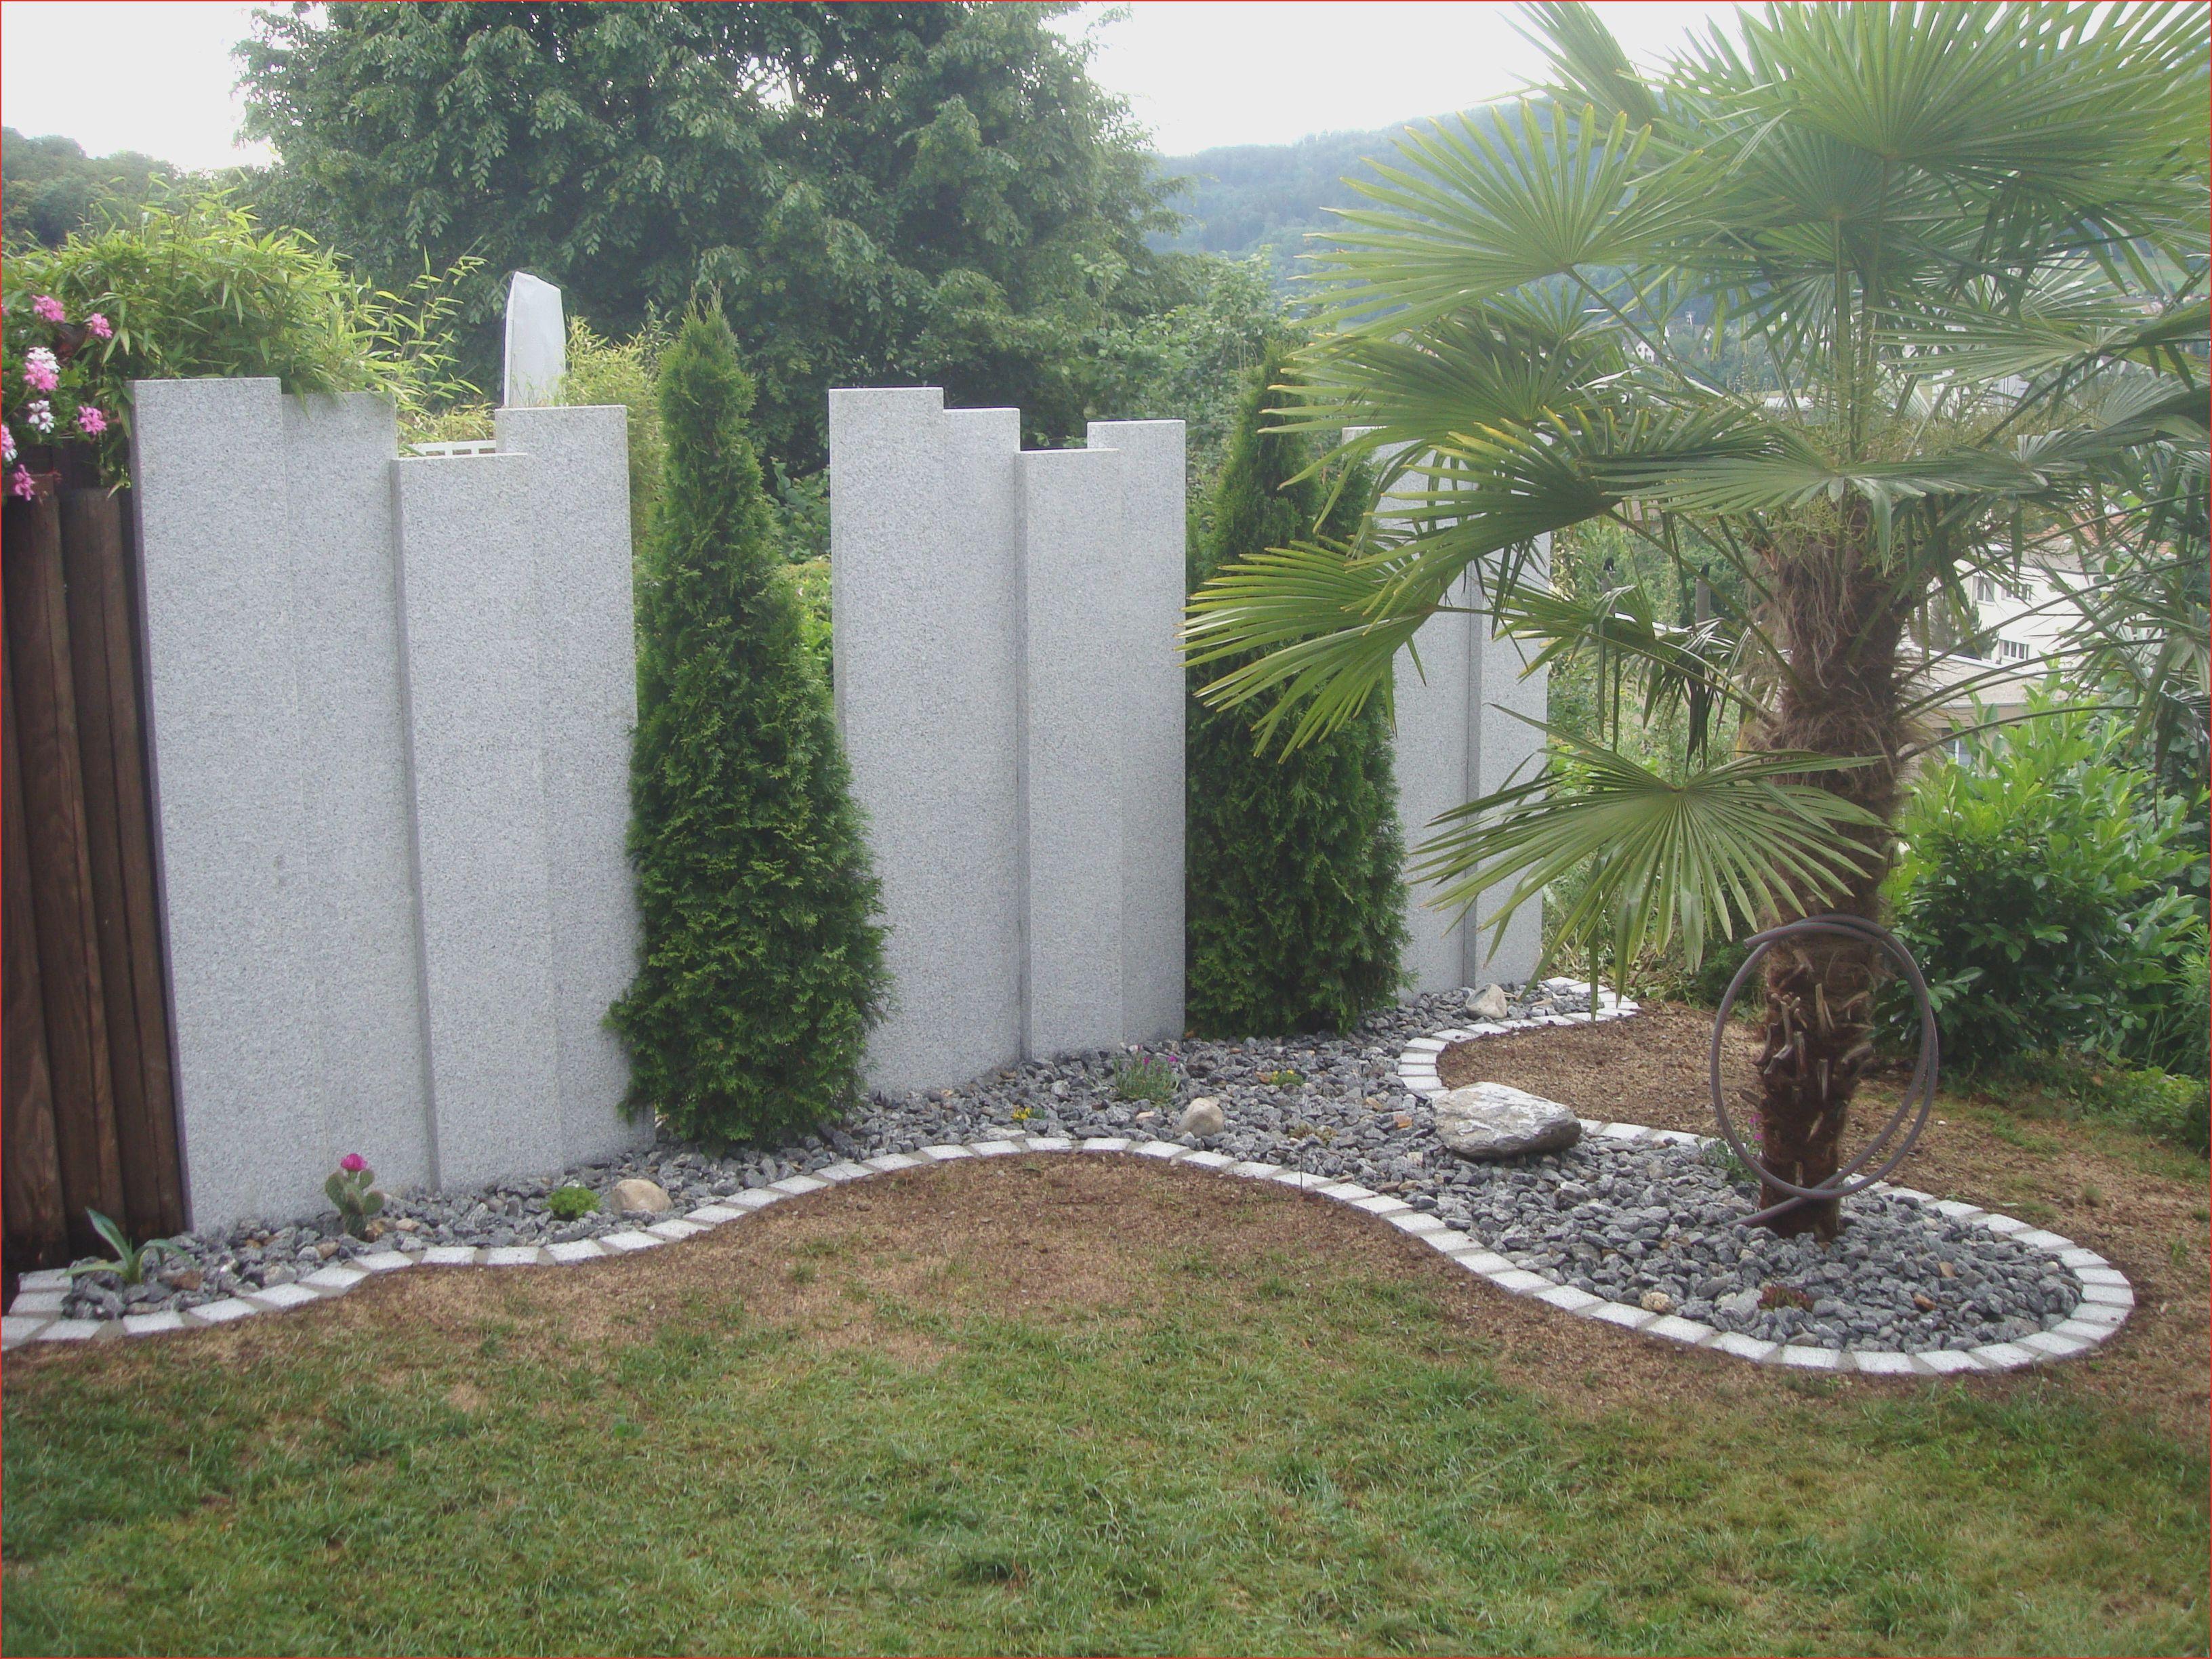 Garten Design 26 Das Beste Von Sichtschutz Garten Ideen Bilder O99p